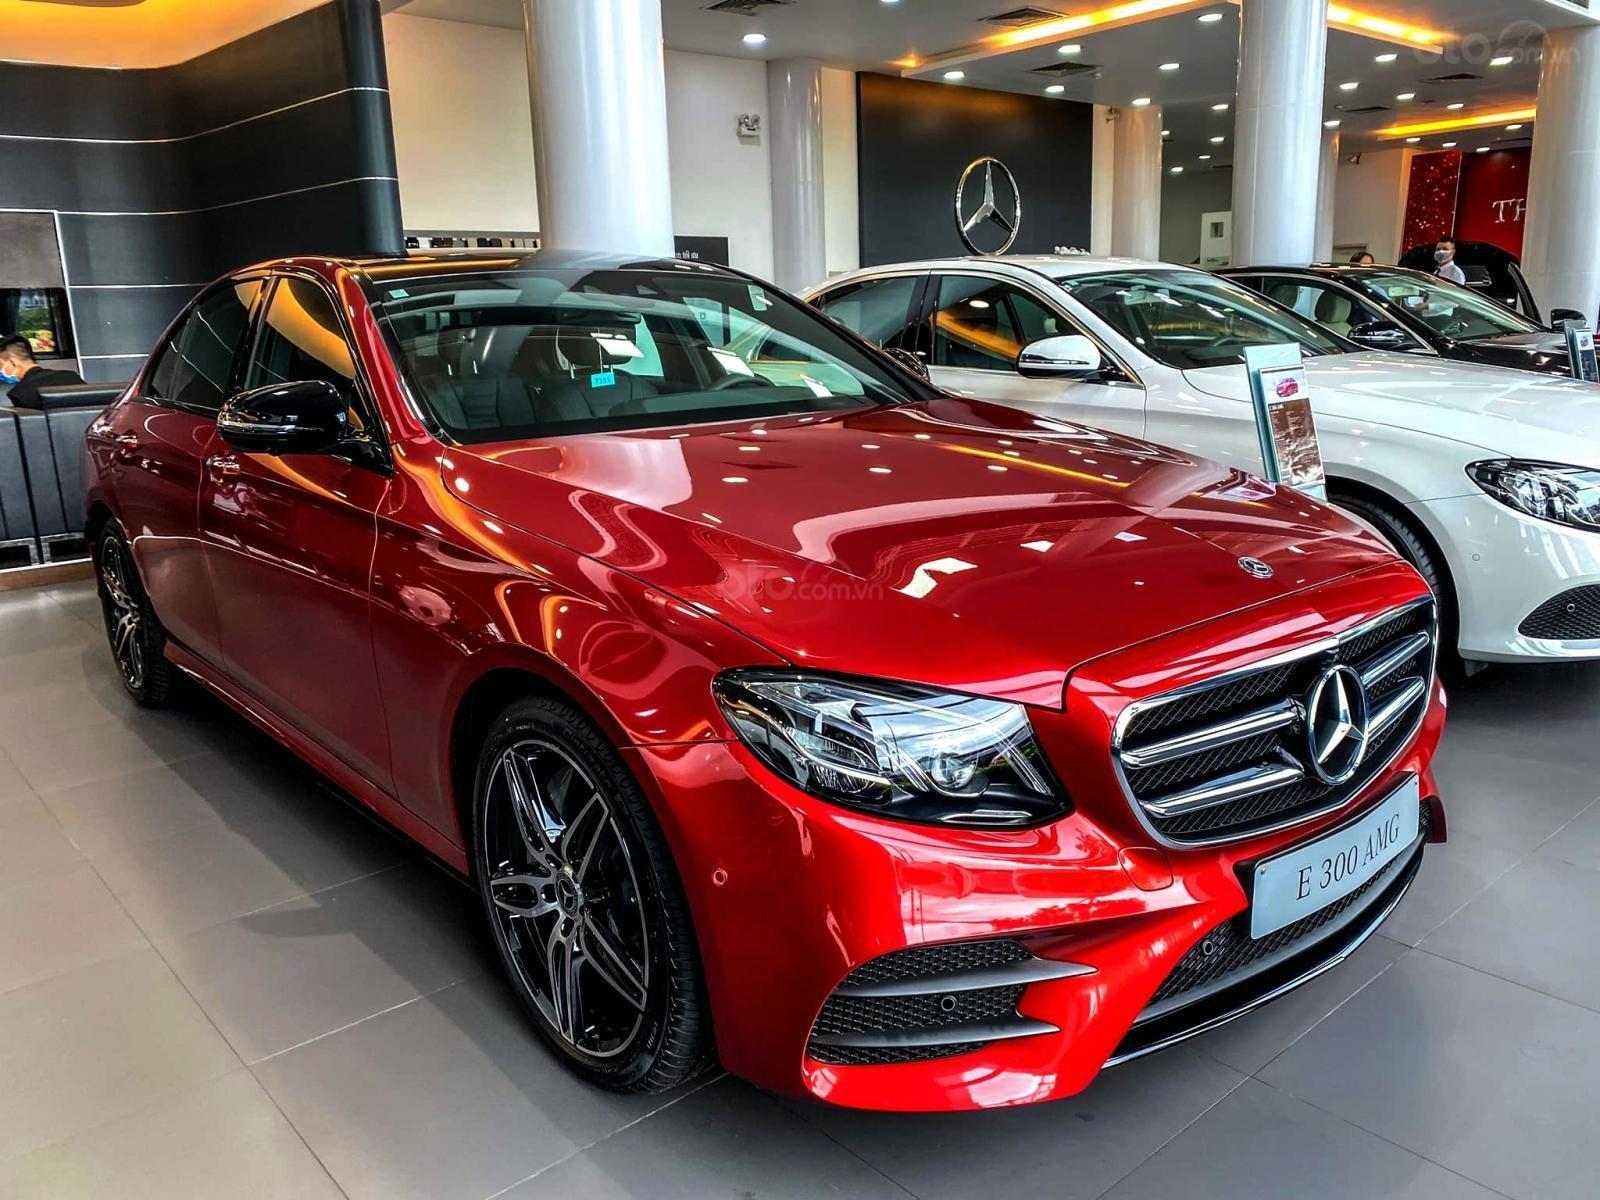 Mercedes-Benz E300 AMG sang trọng - đẳng cấp, giảm giá tiền mặt 150.000.000, có sẵn giao ngay (3)